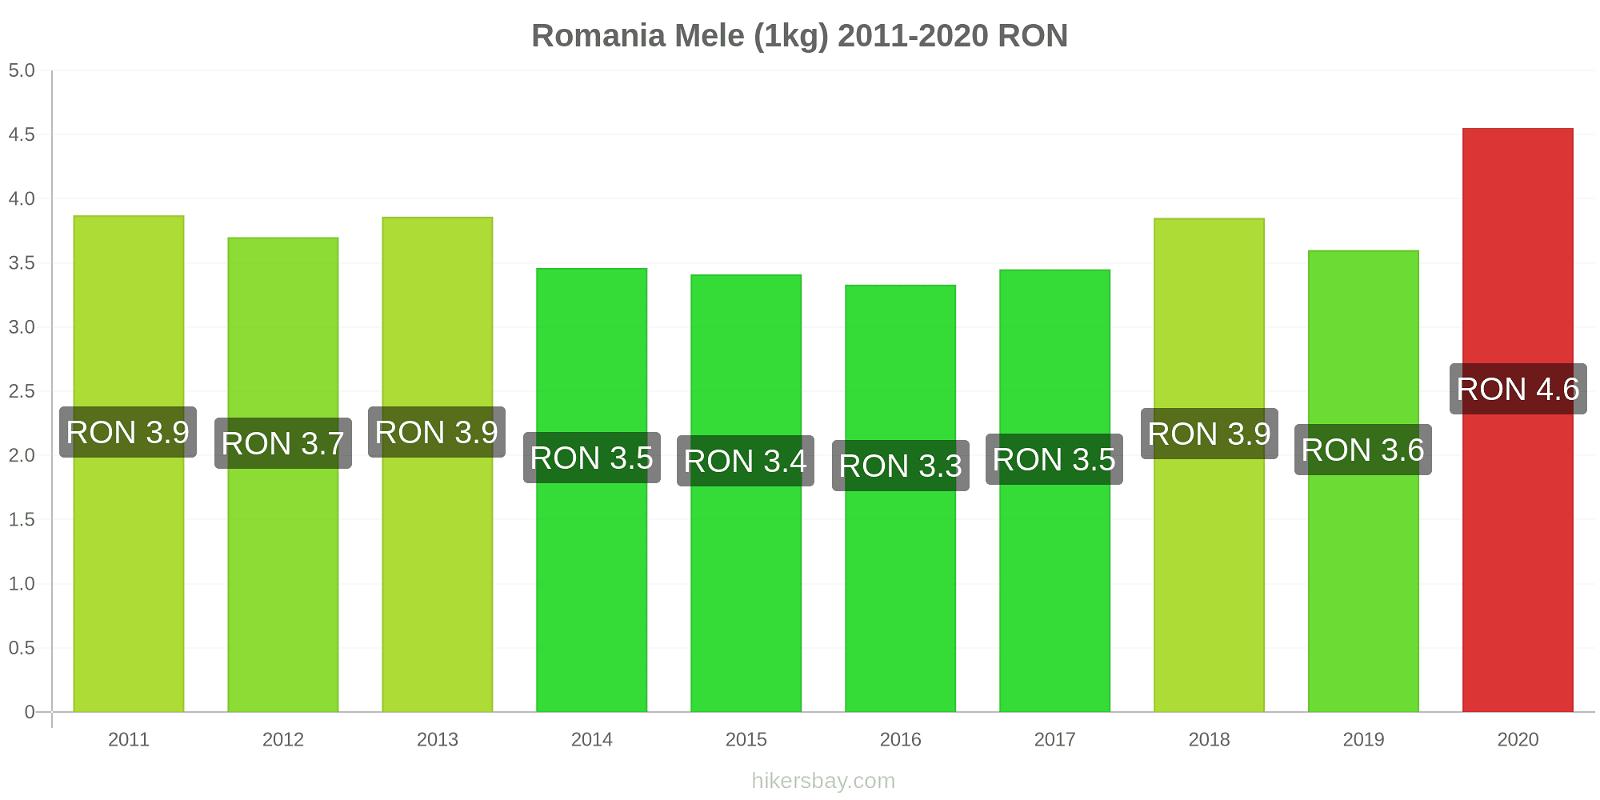 Romania variazioni di prezzo Mele (1kg) hikersbay.com